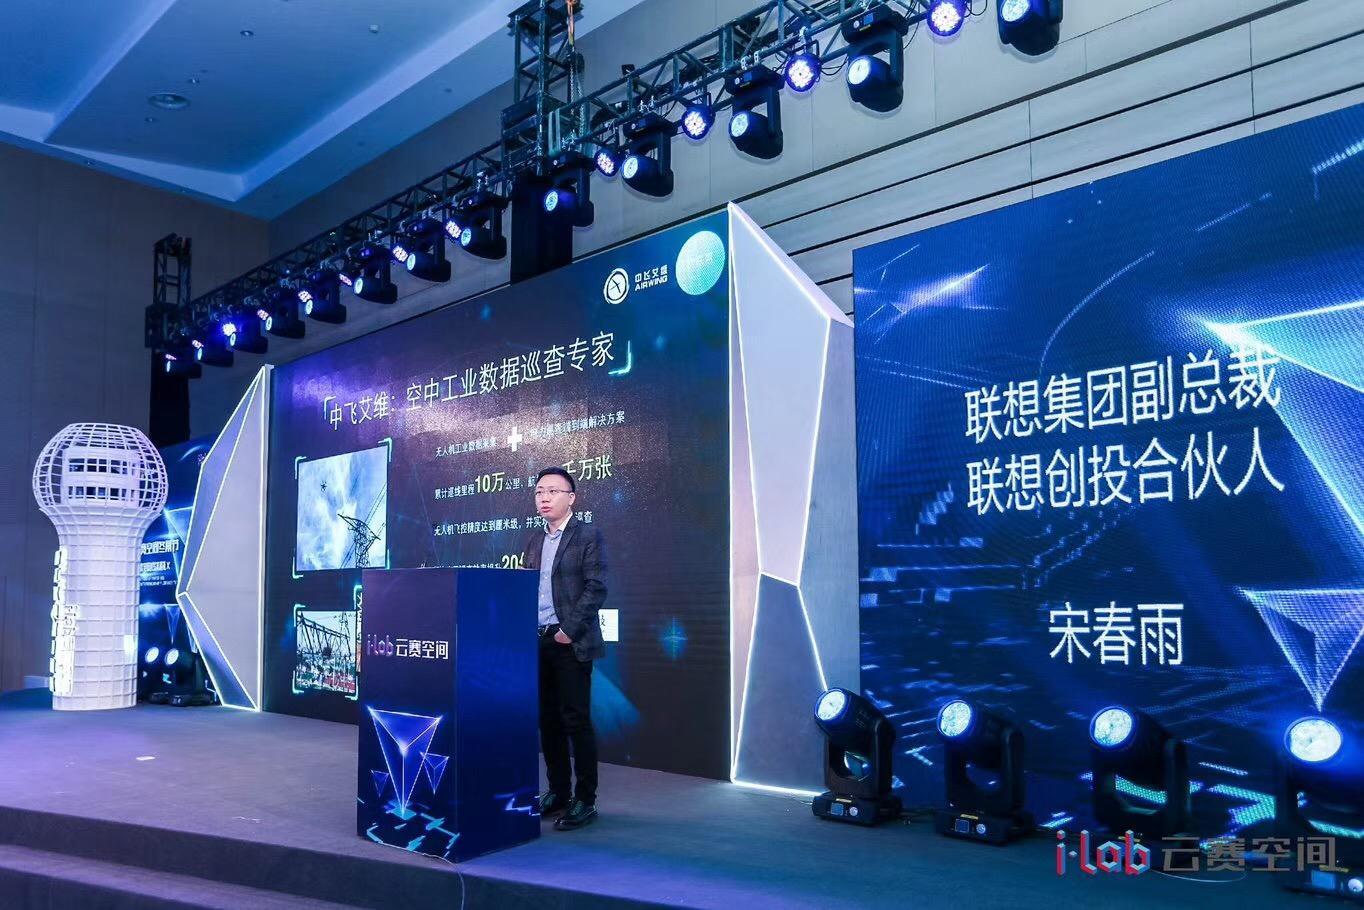 上海弧形P2显示屏安装公司